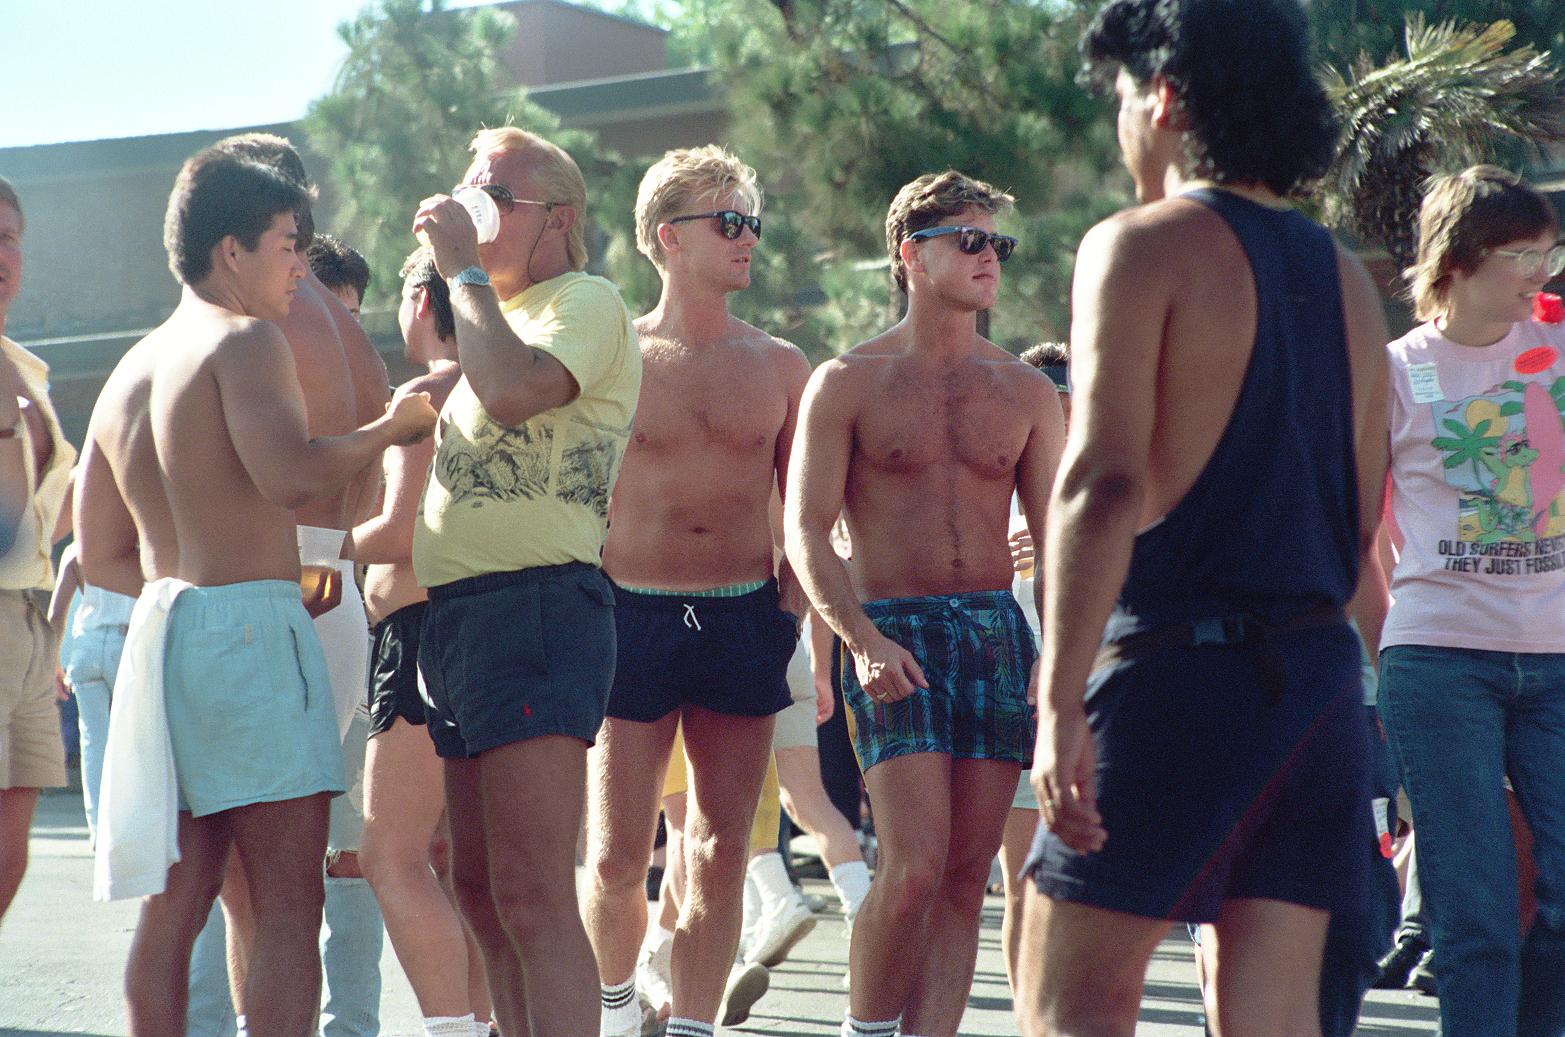 la-pride-1987-1995_22298377422_o